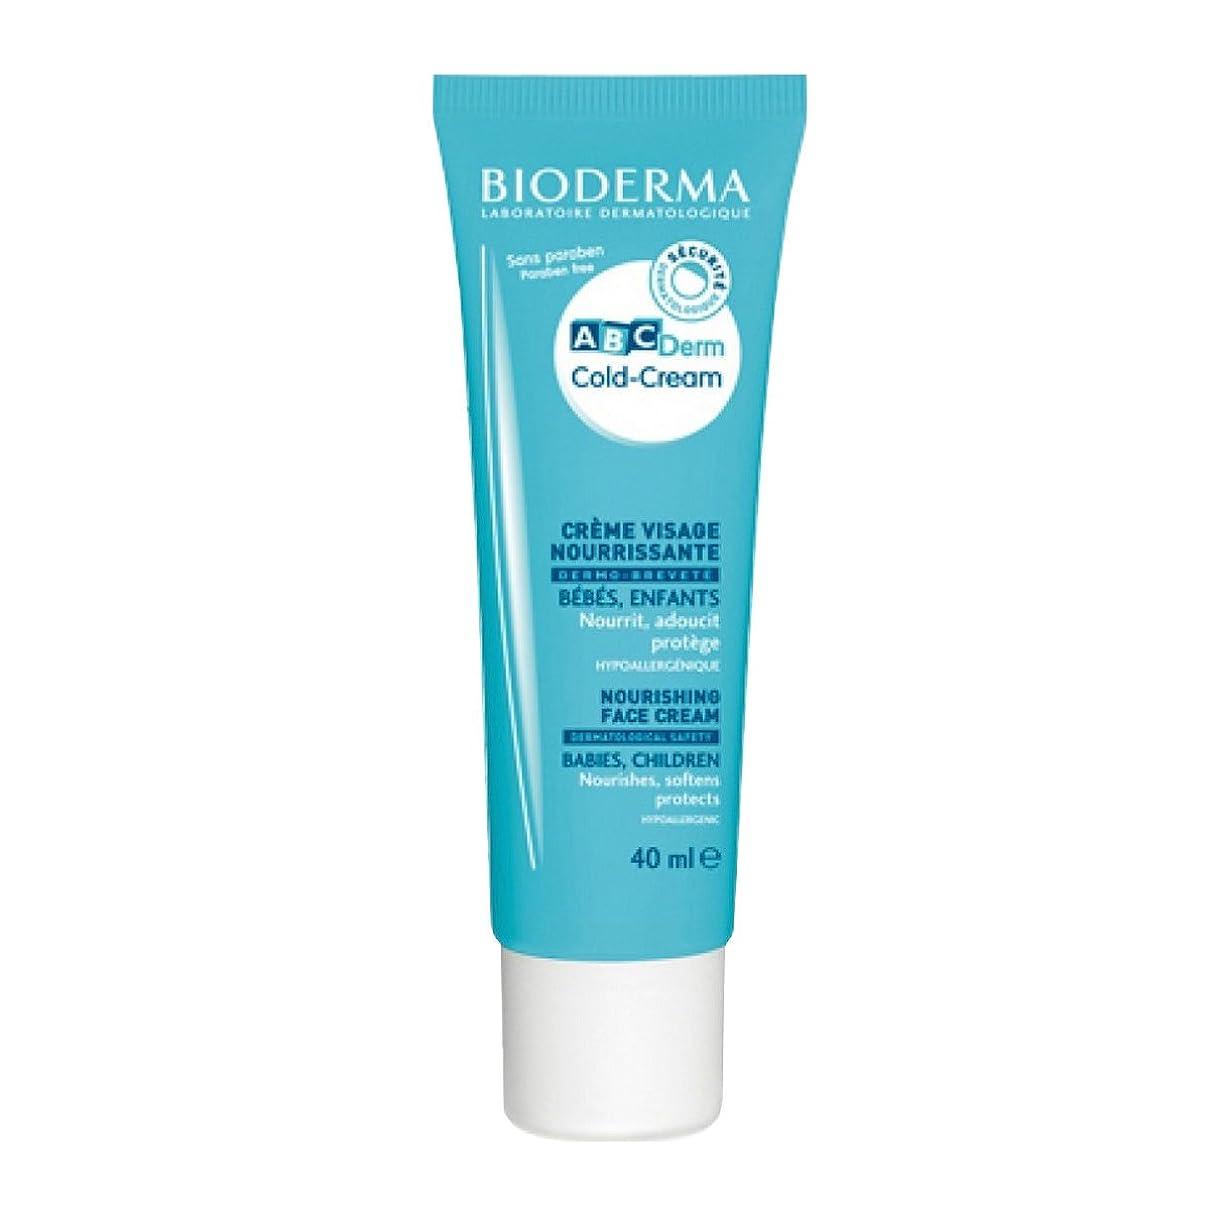 アラートすり減る狂乱Bioderma - ABCDerm Cold-Cream Nourishing Face Cream [並行輸入品]